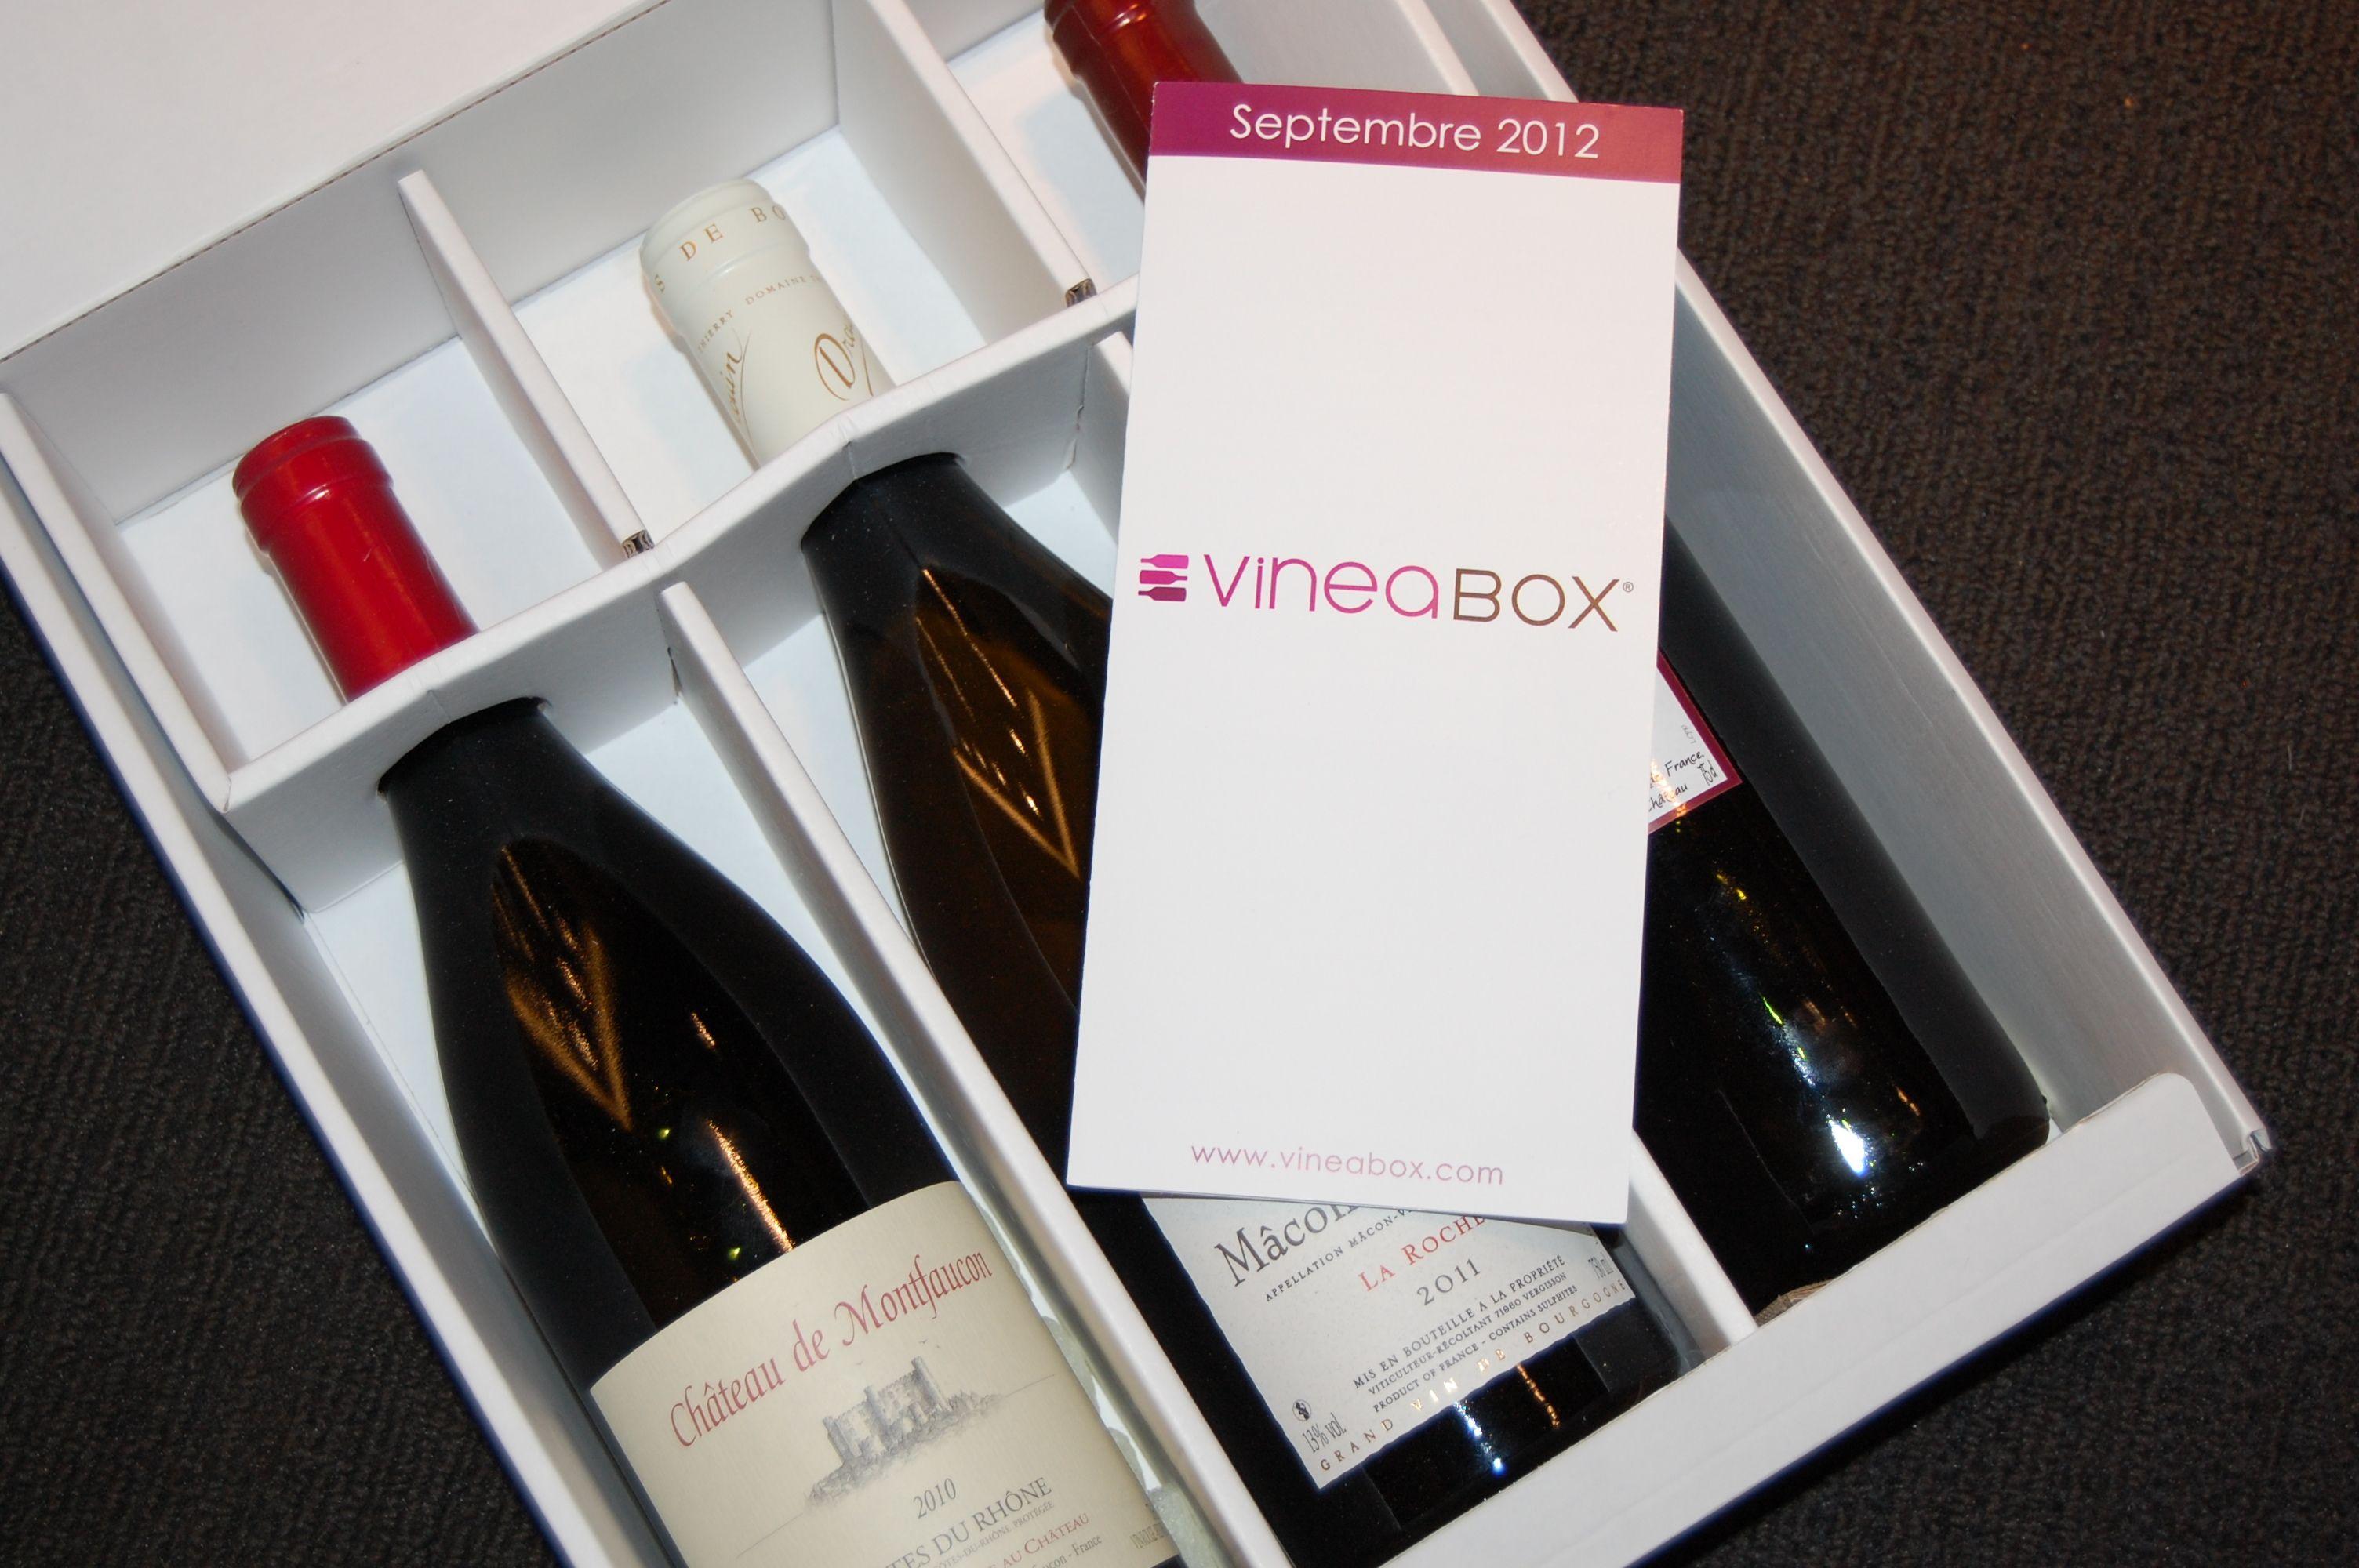 VineaBox Septembre 2012   http://www.vineabox.com